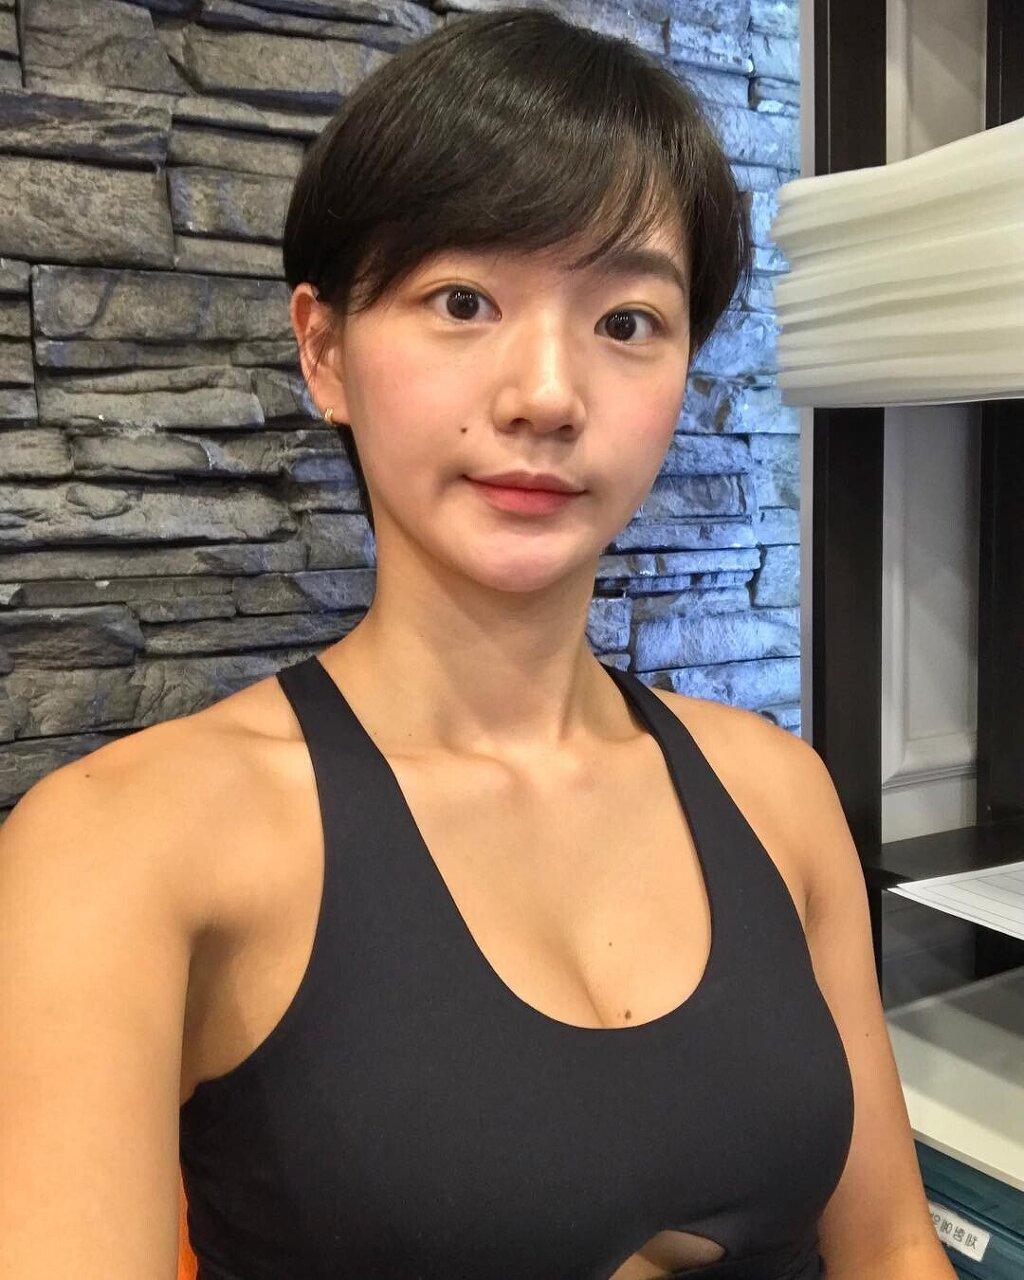 운동하는 숏컷 누나 - 꾸르